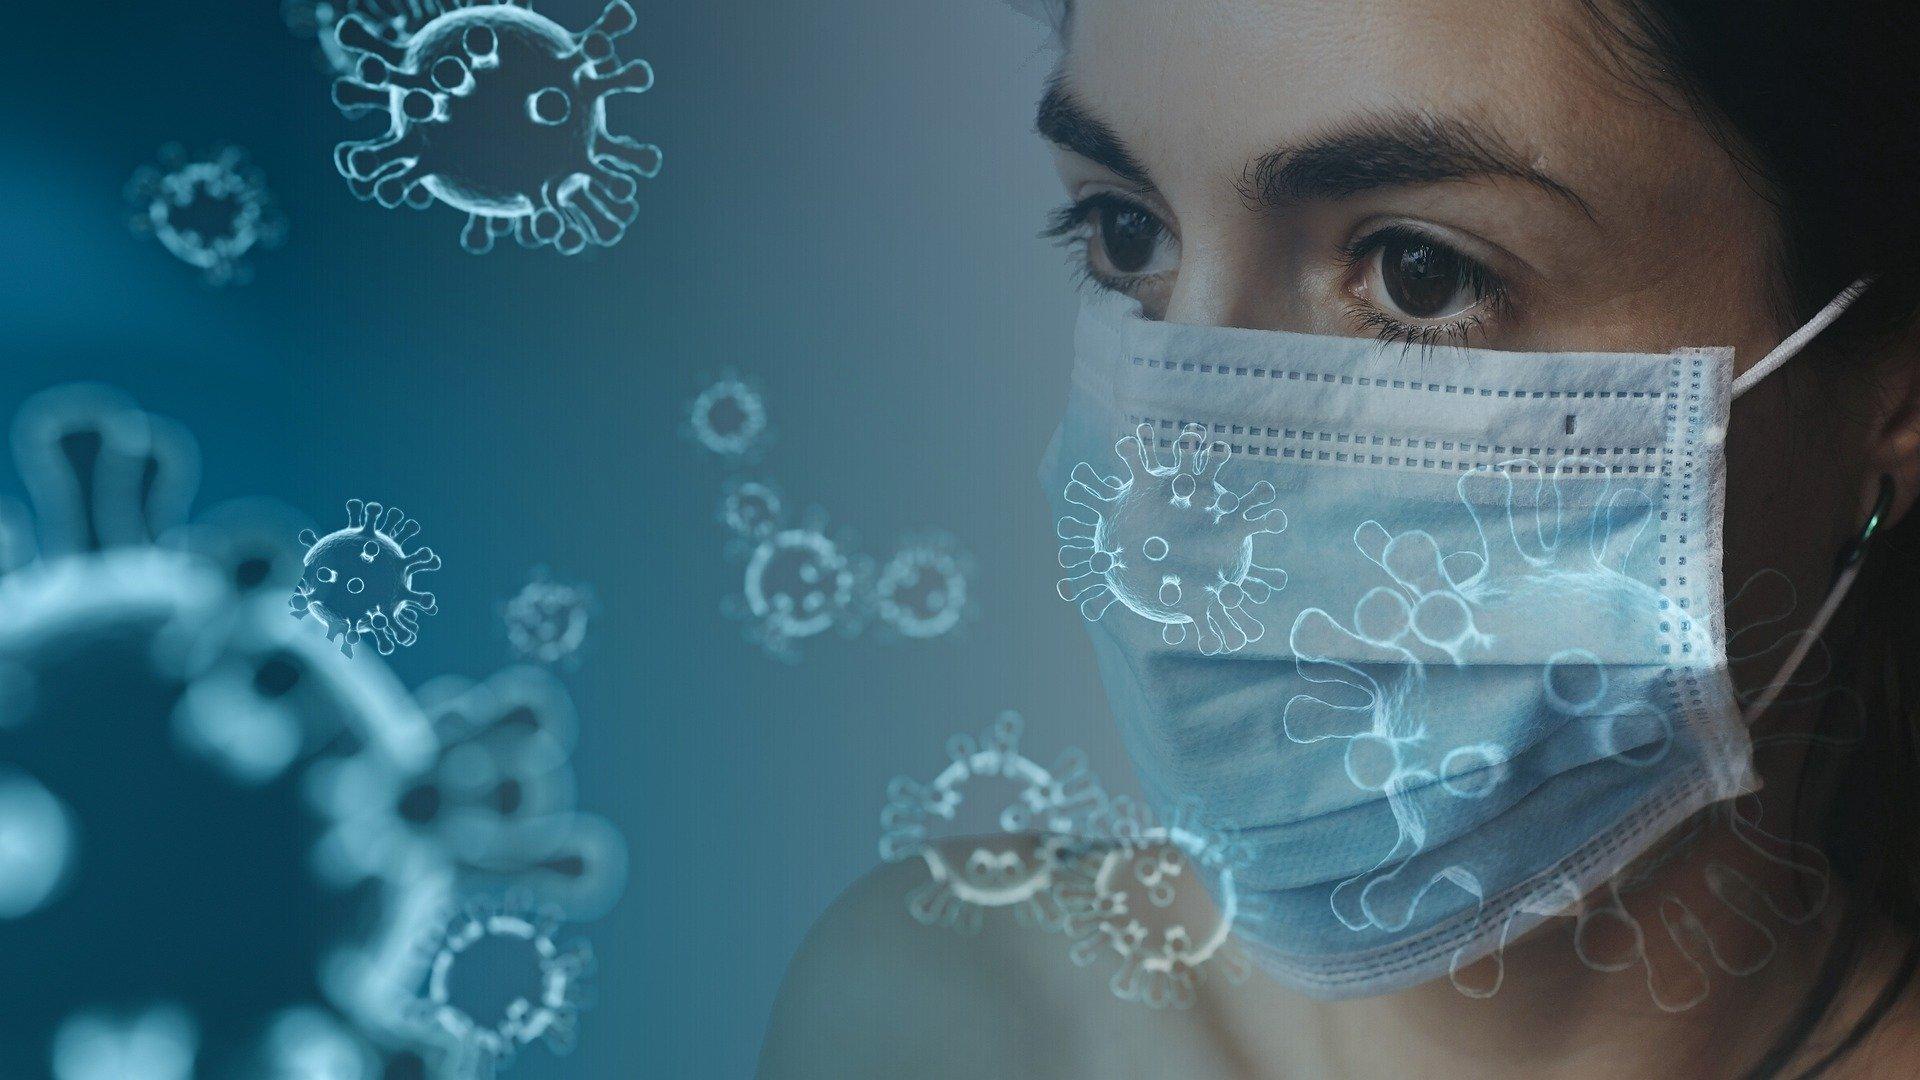 Упутство о мерама превенције за Corona Virus – Covid-19